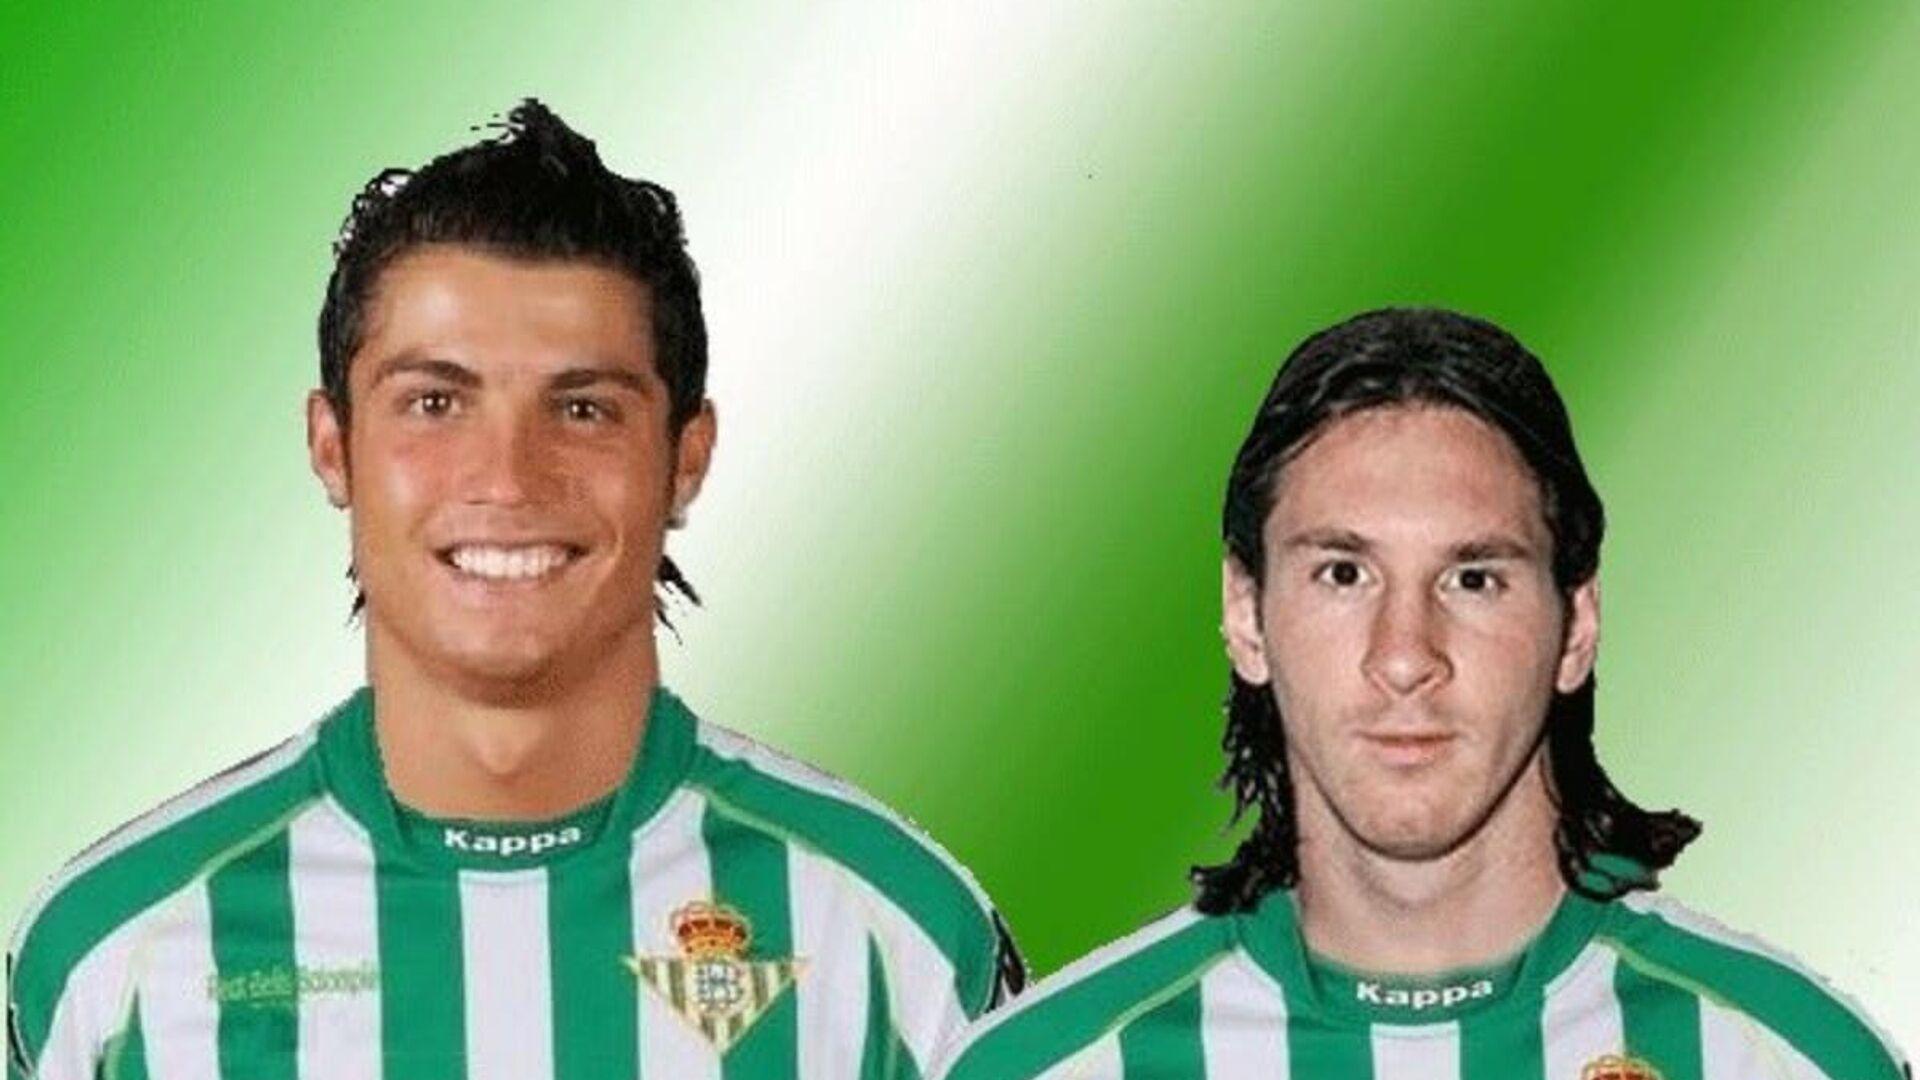 Los futbolistas Cristiano Ronaldo y Lionel Messi con el uniforme del equipo de fútbol español Real Betis Balompié (meme) - Sputnik Mundo, 1920, 20.04.2021